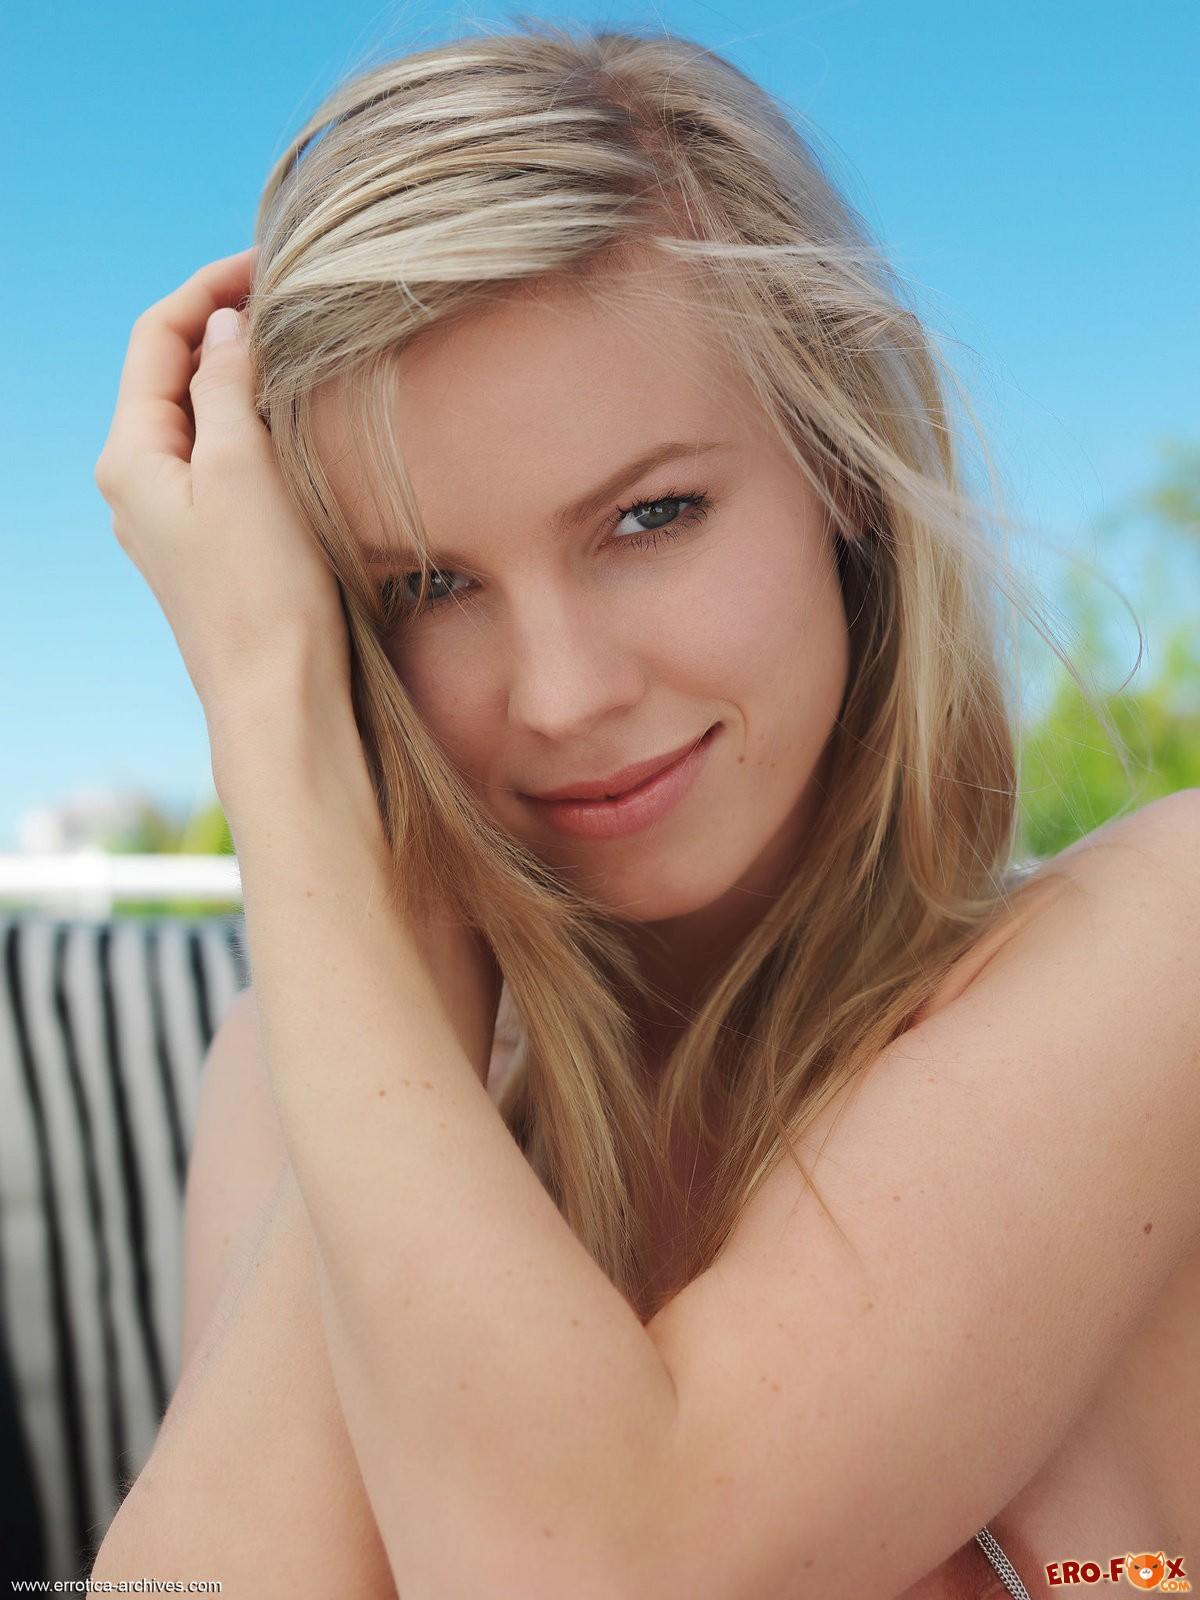 Сексуальная обнажённая блондинка